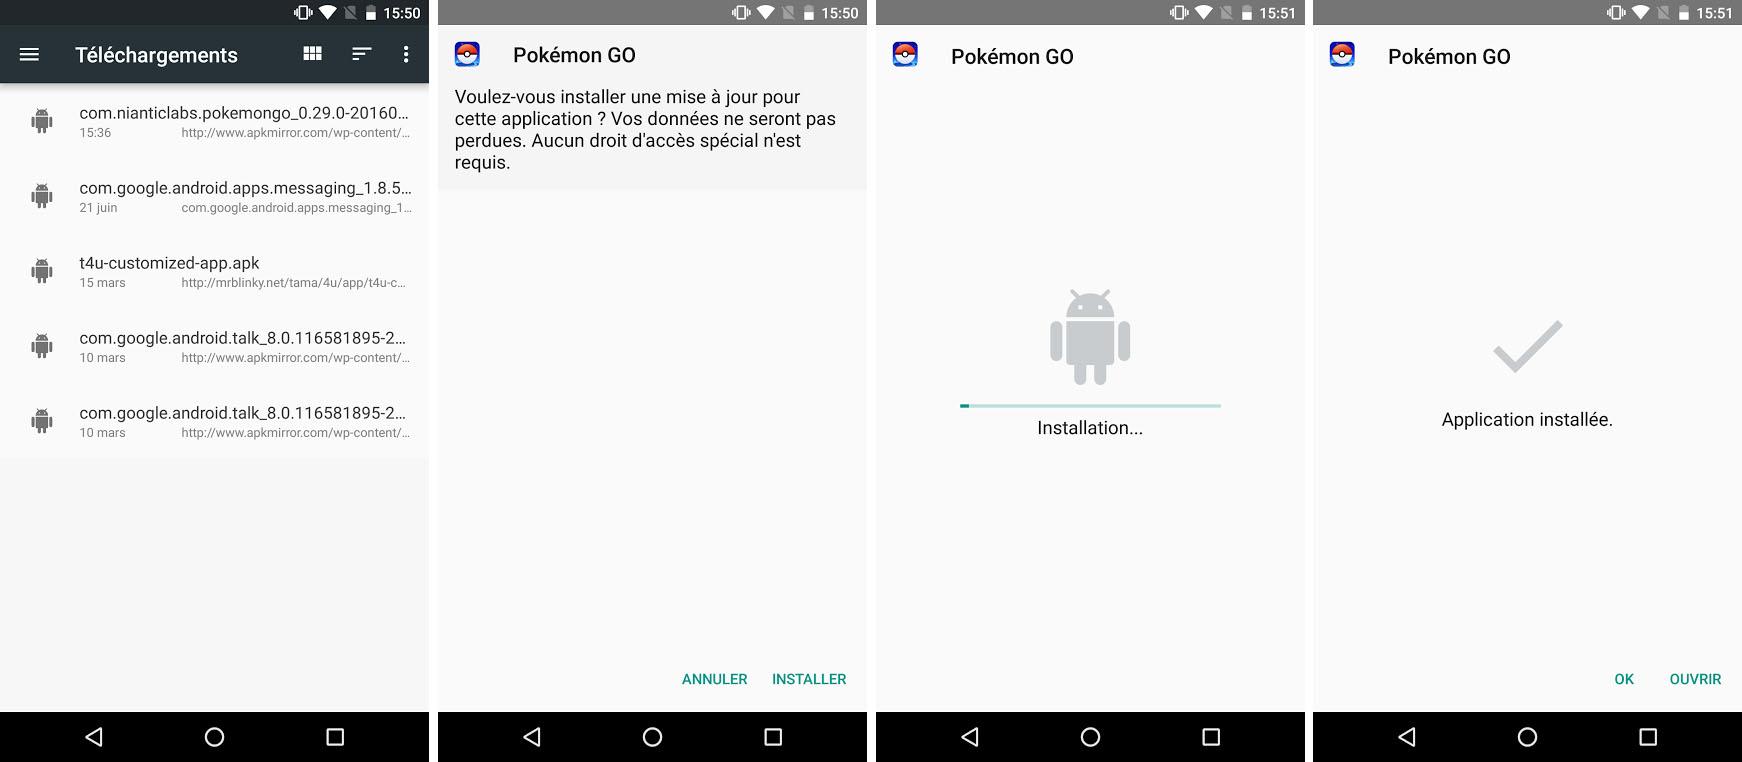 comment telecharger des jeux sur tablette android sans play store